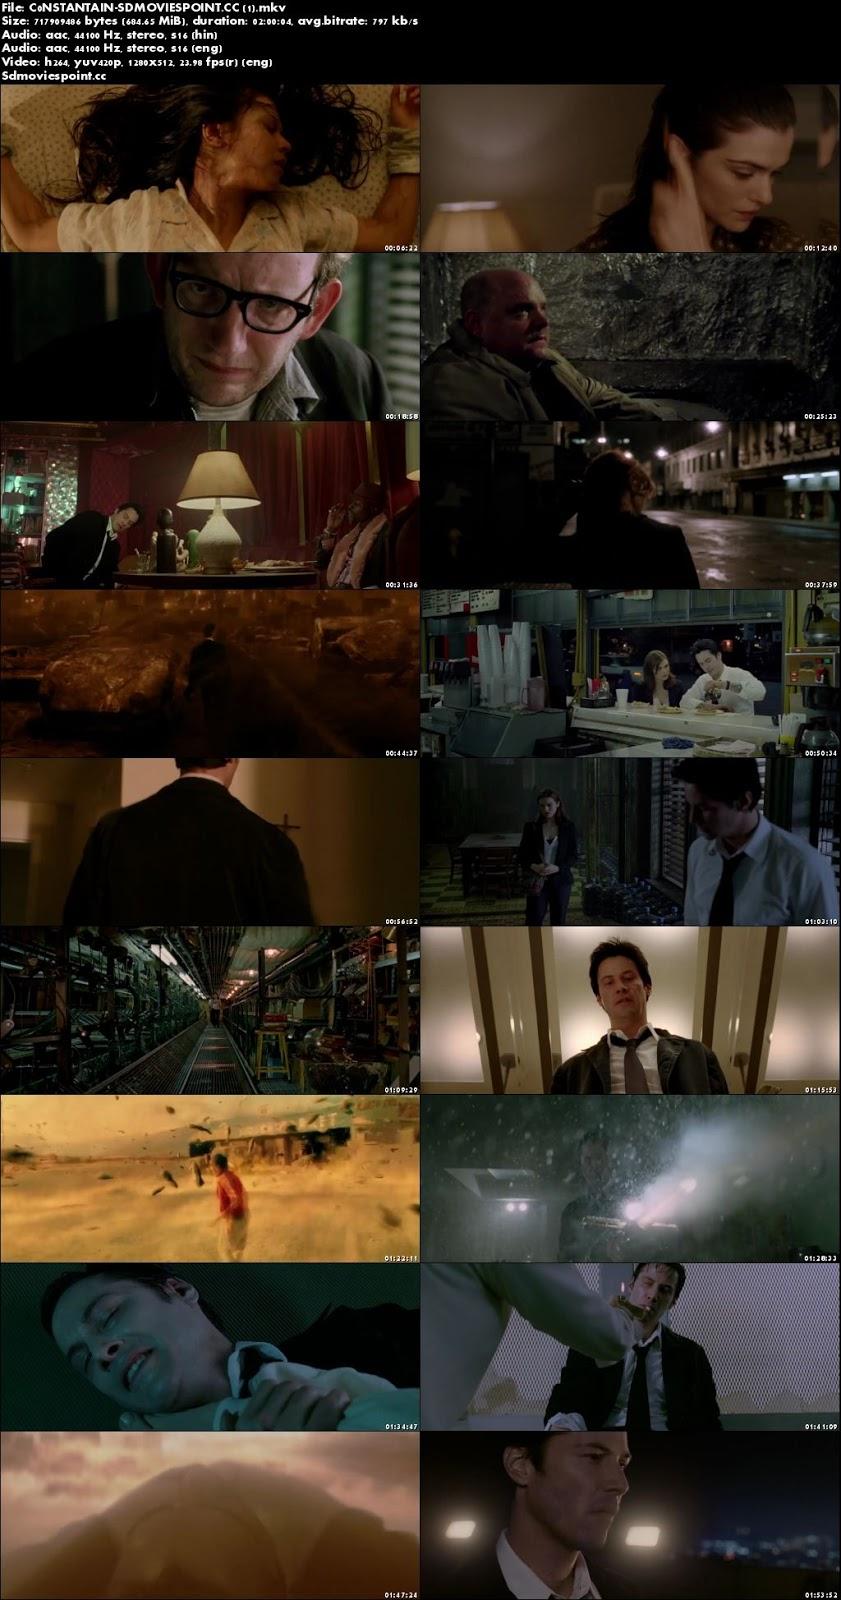 constantine 2005 movie download